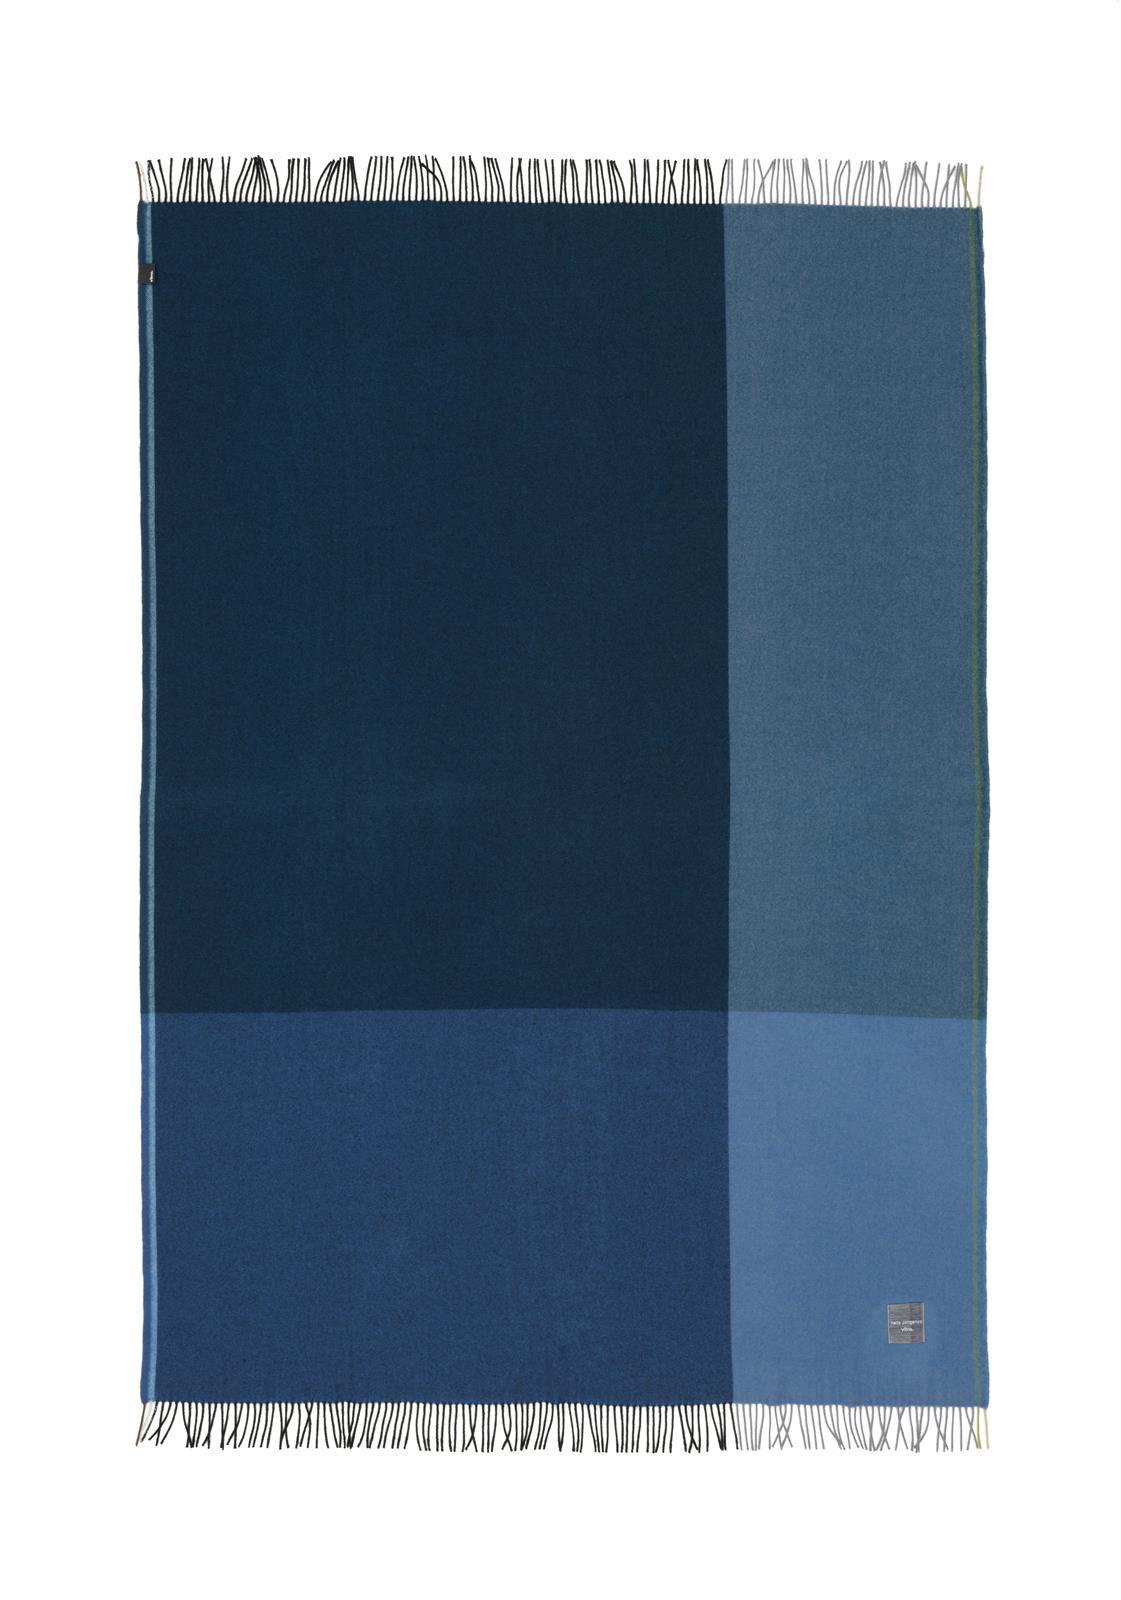 Wolldecke Colour Block Schwarz Blau Von Vitra